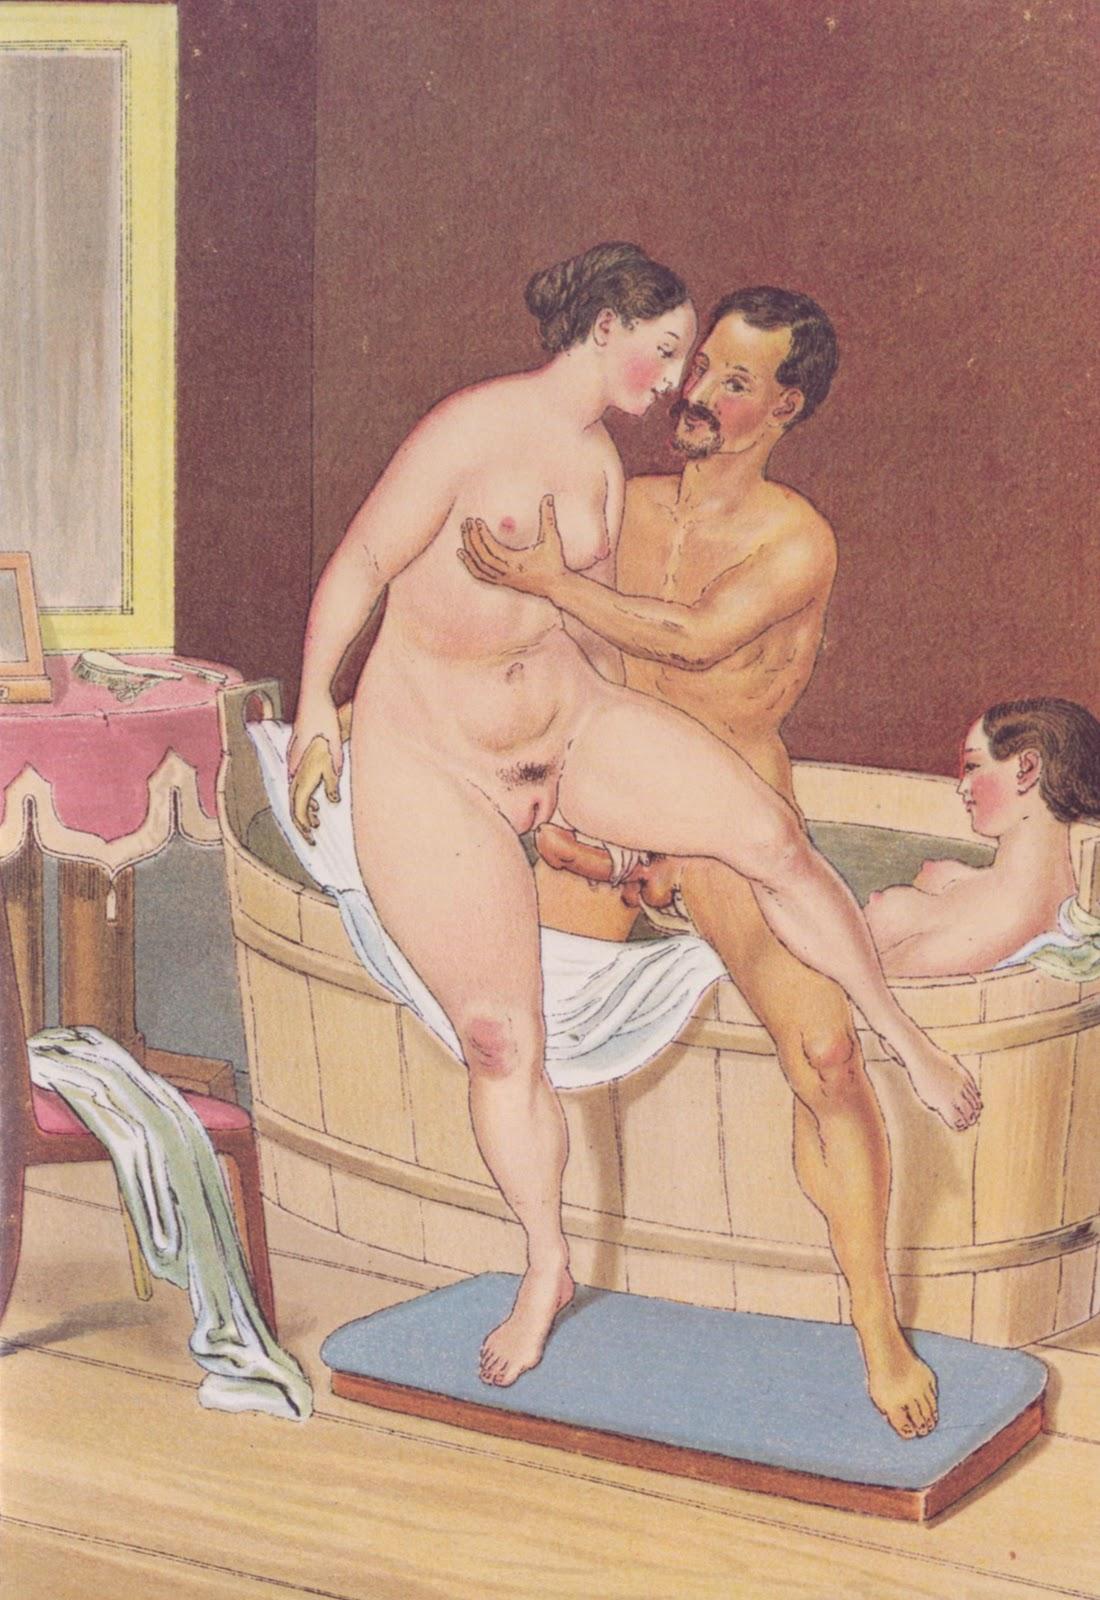 chitat-i-skachat-erotiku